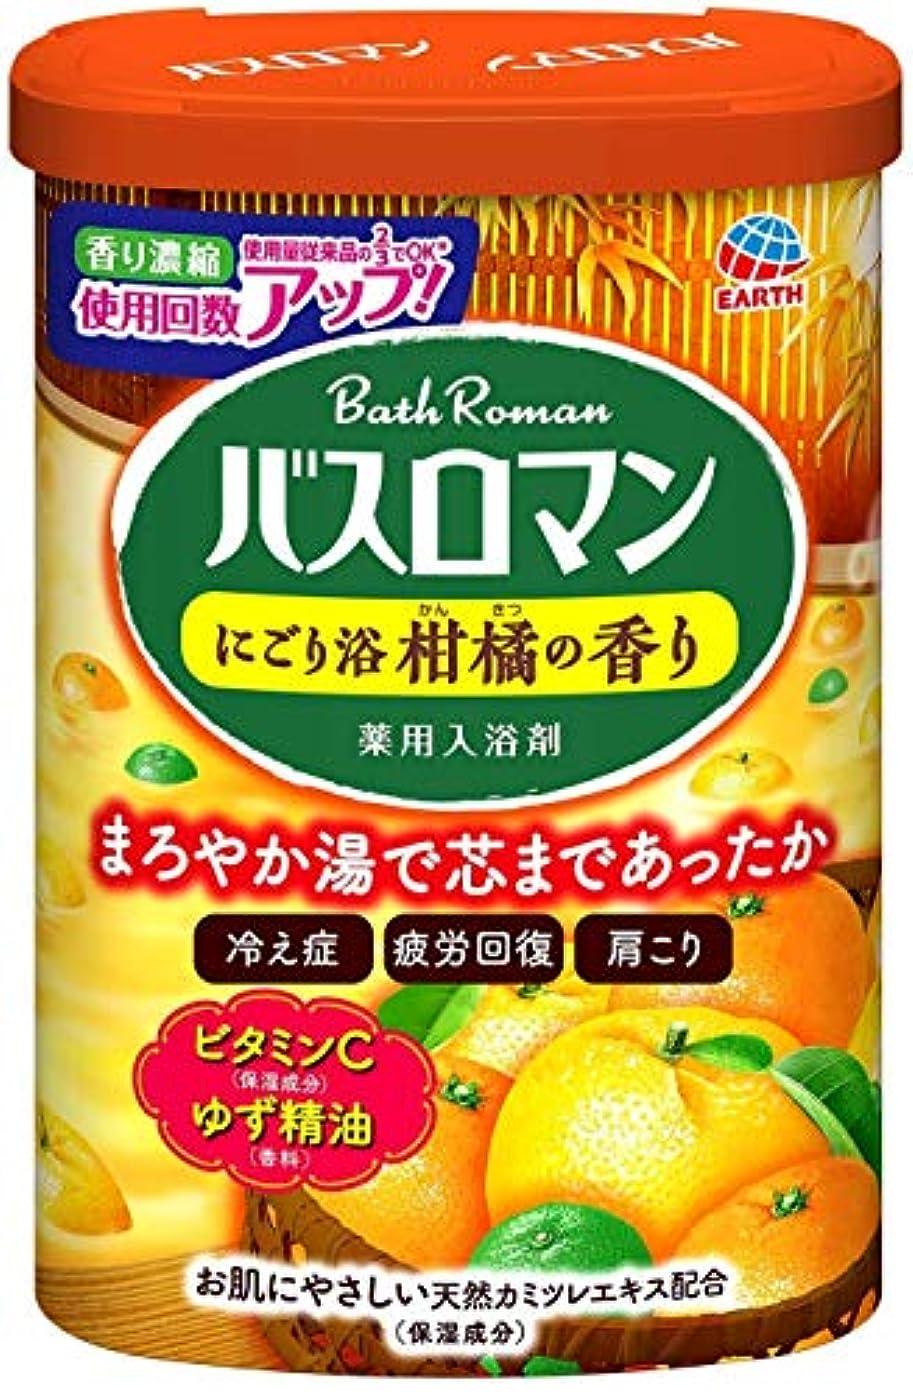 ボウリング添加剤それに応じて【医薬部外品】 アース製薬 バスロマン 入浴剤 にごり浴 柑橘の香り 600g